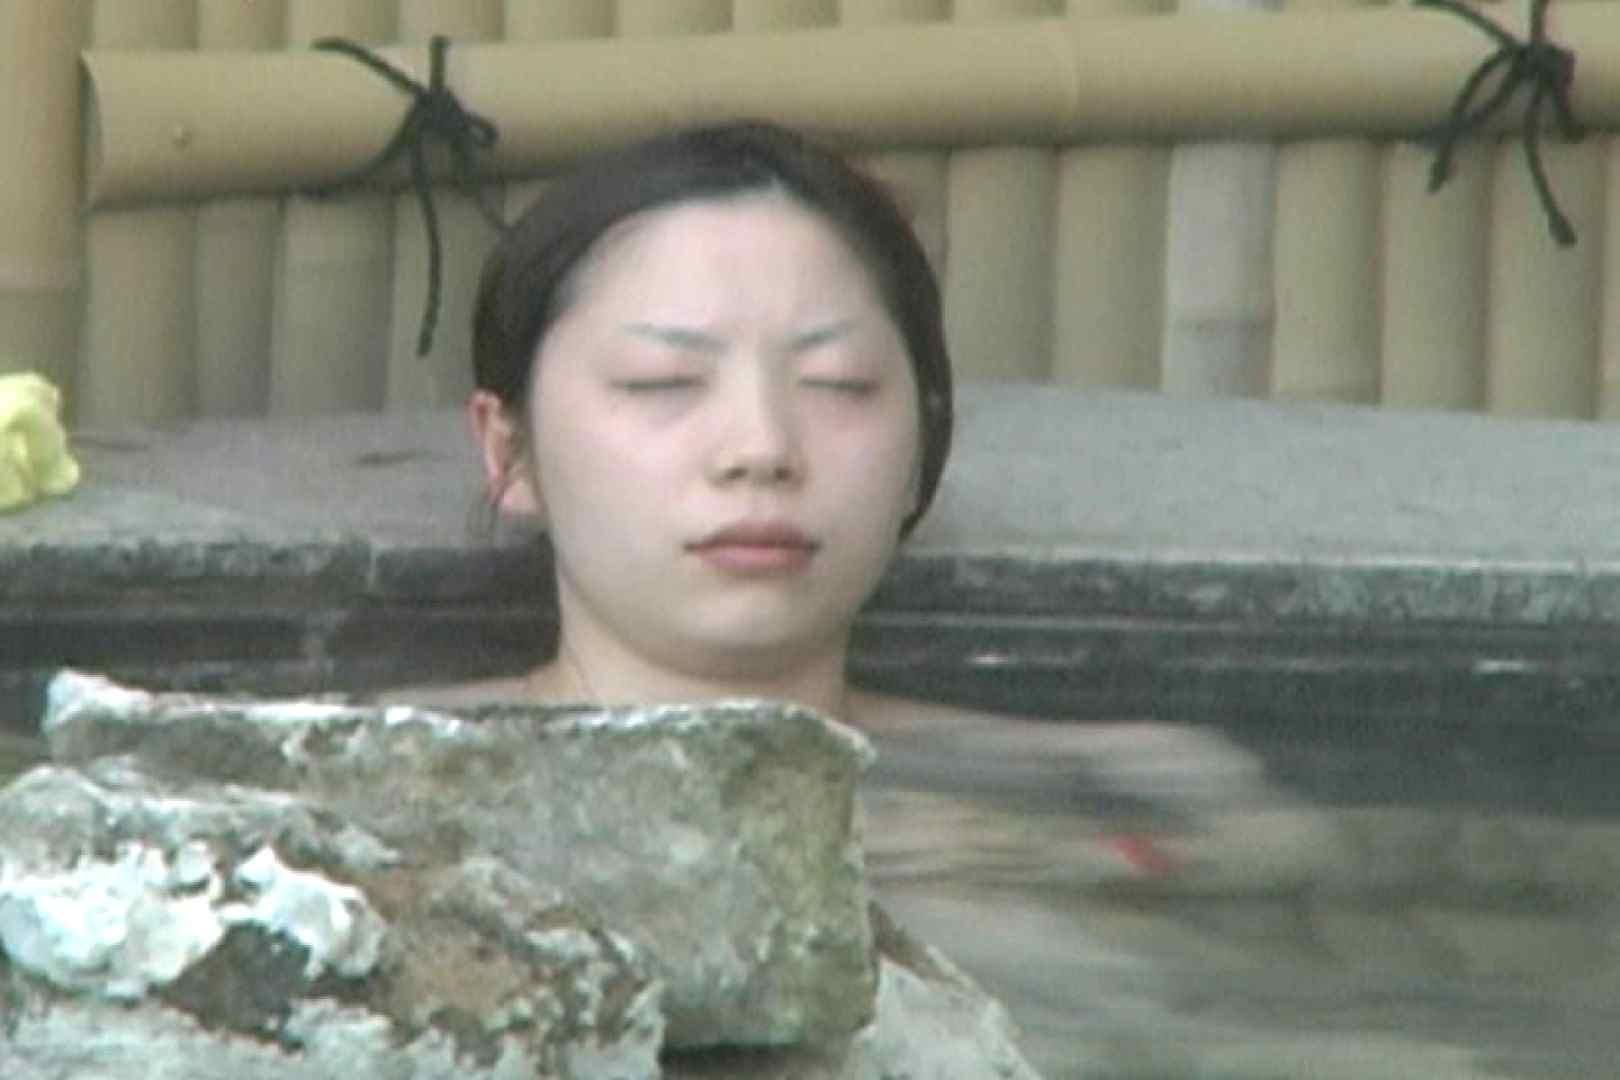 Aquaな露天風呂Vol.596 盗撮シリーズ  113PIX 98